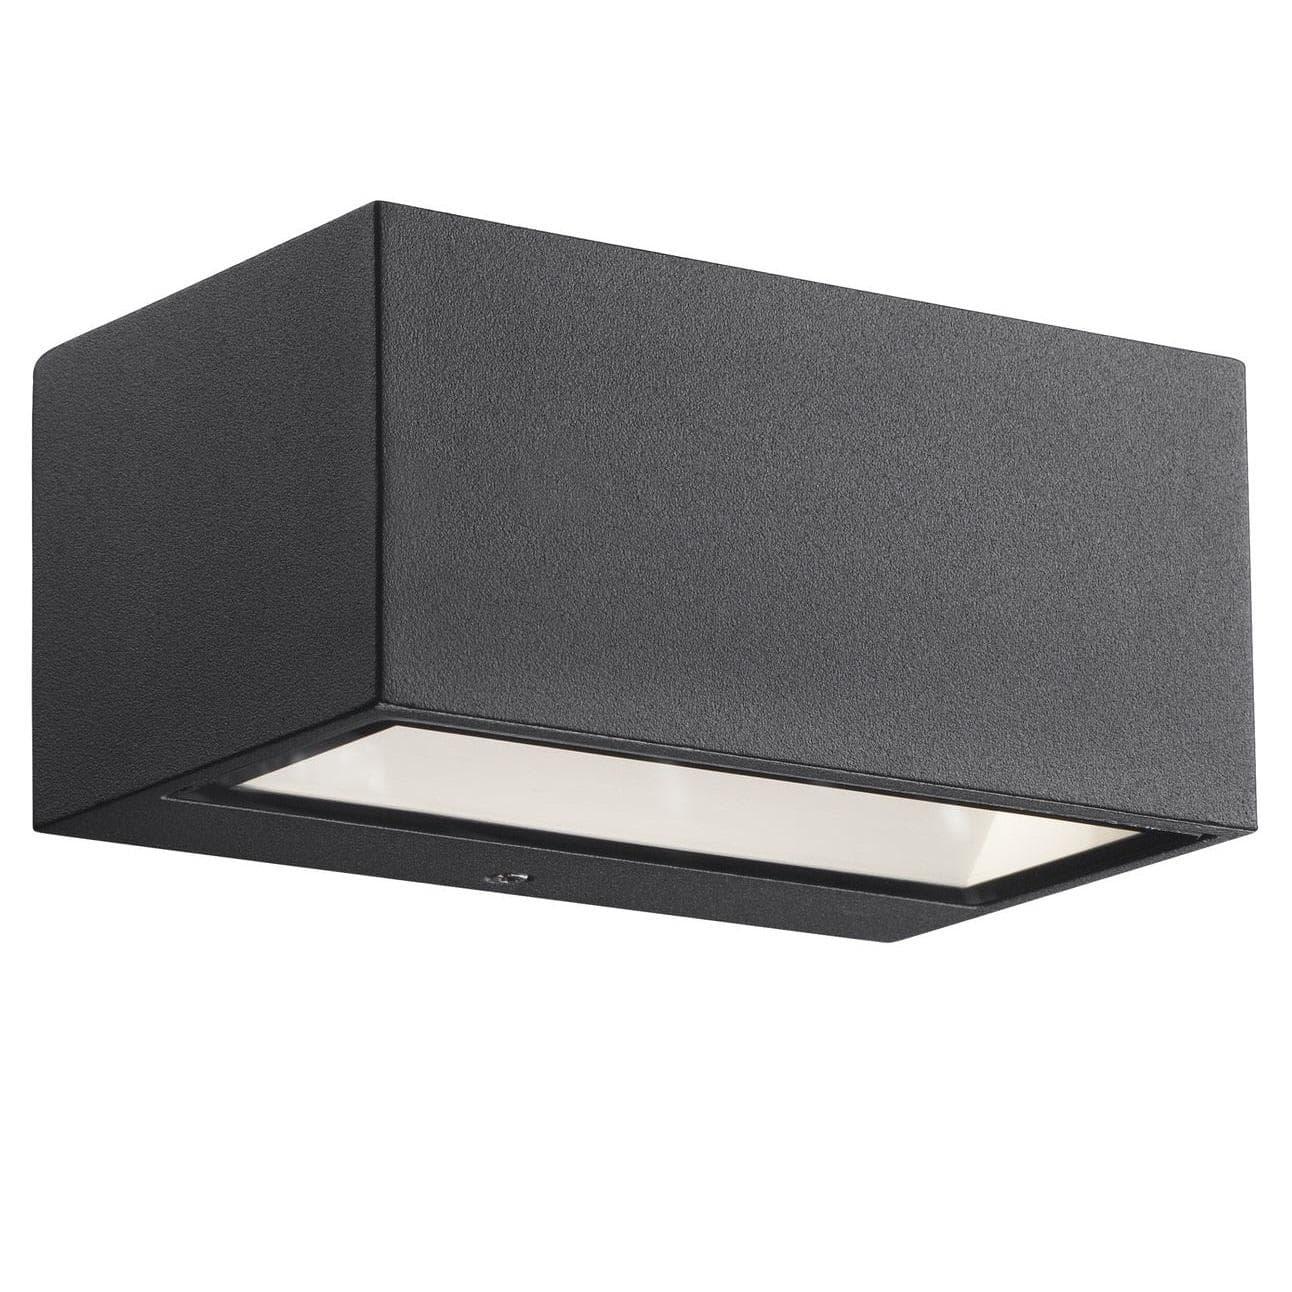 Avanceret Køb Nordlux Nene Udendørs væglampe Op/ned LED 6W, Sort 872723 VI17